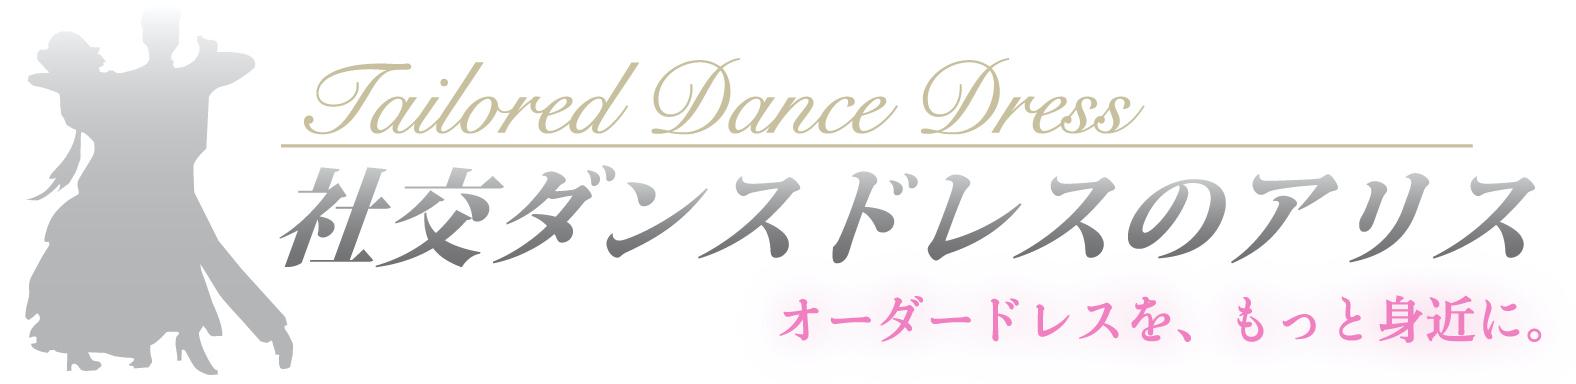 社交ダンス ドレスのアリス